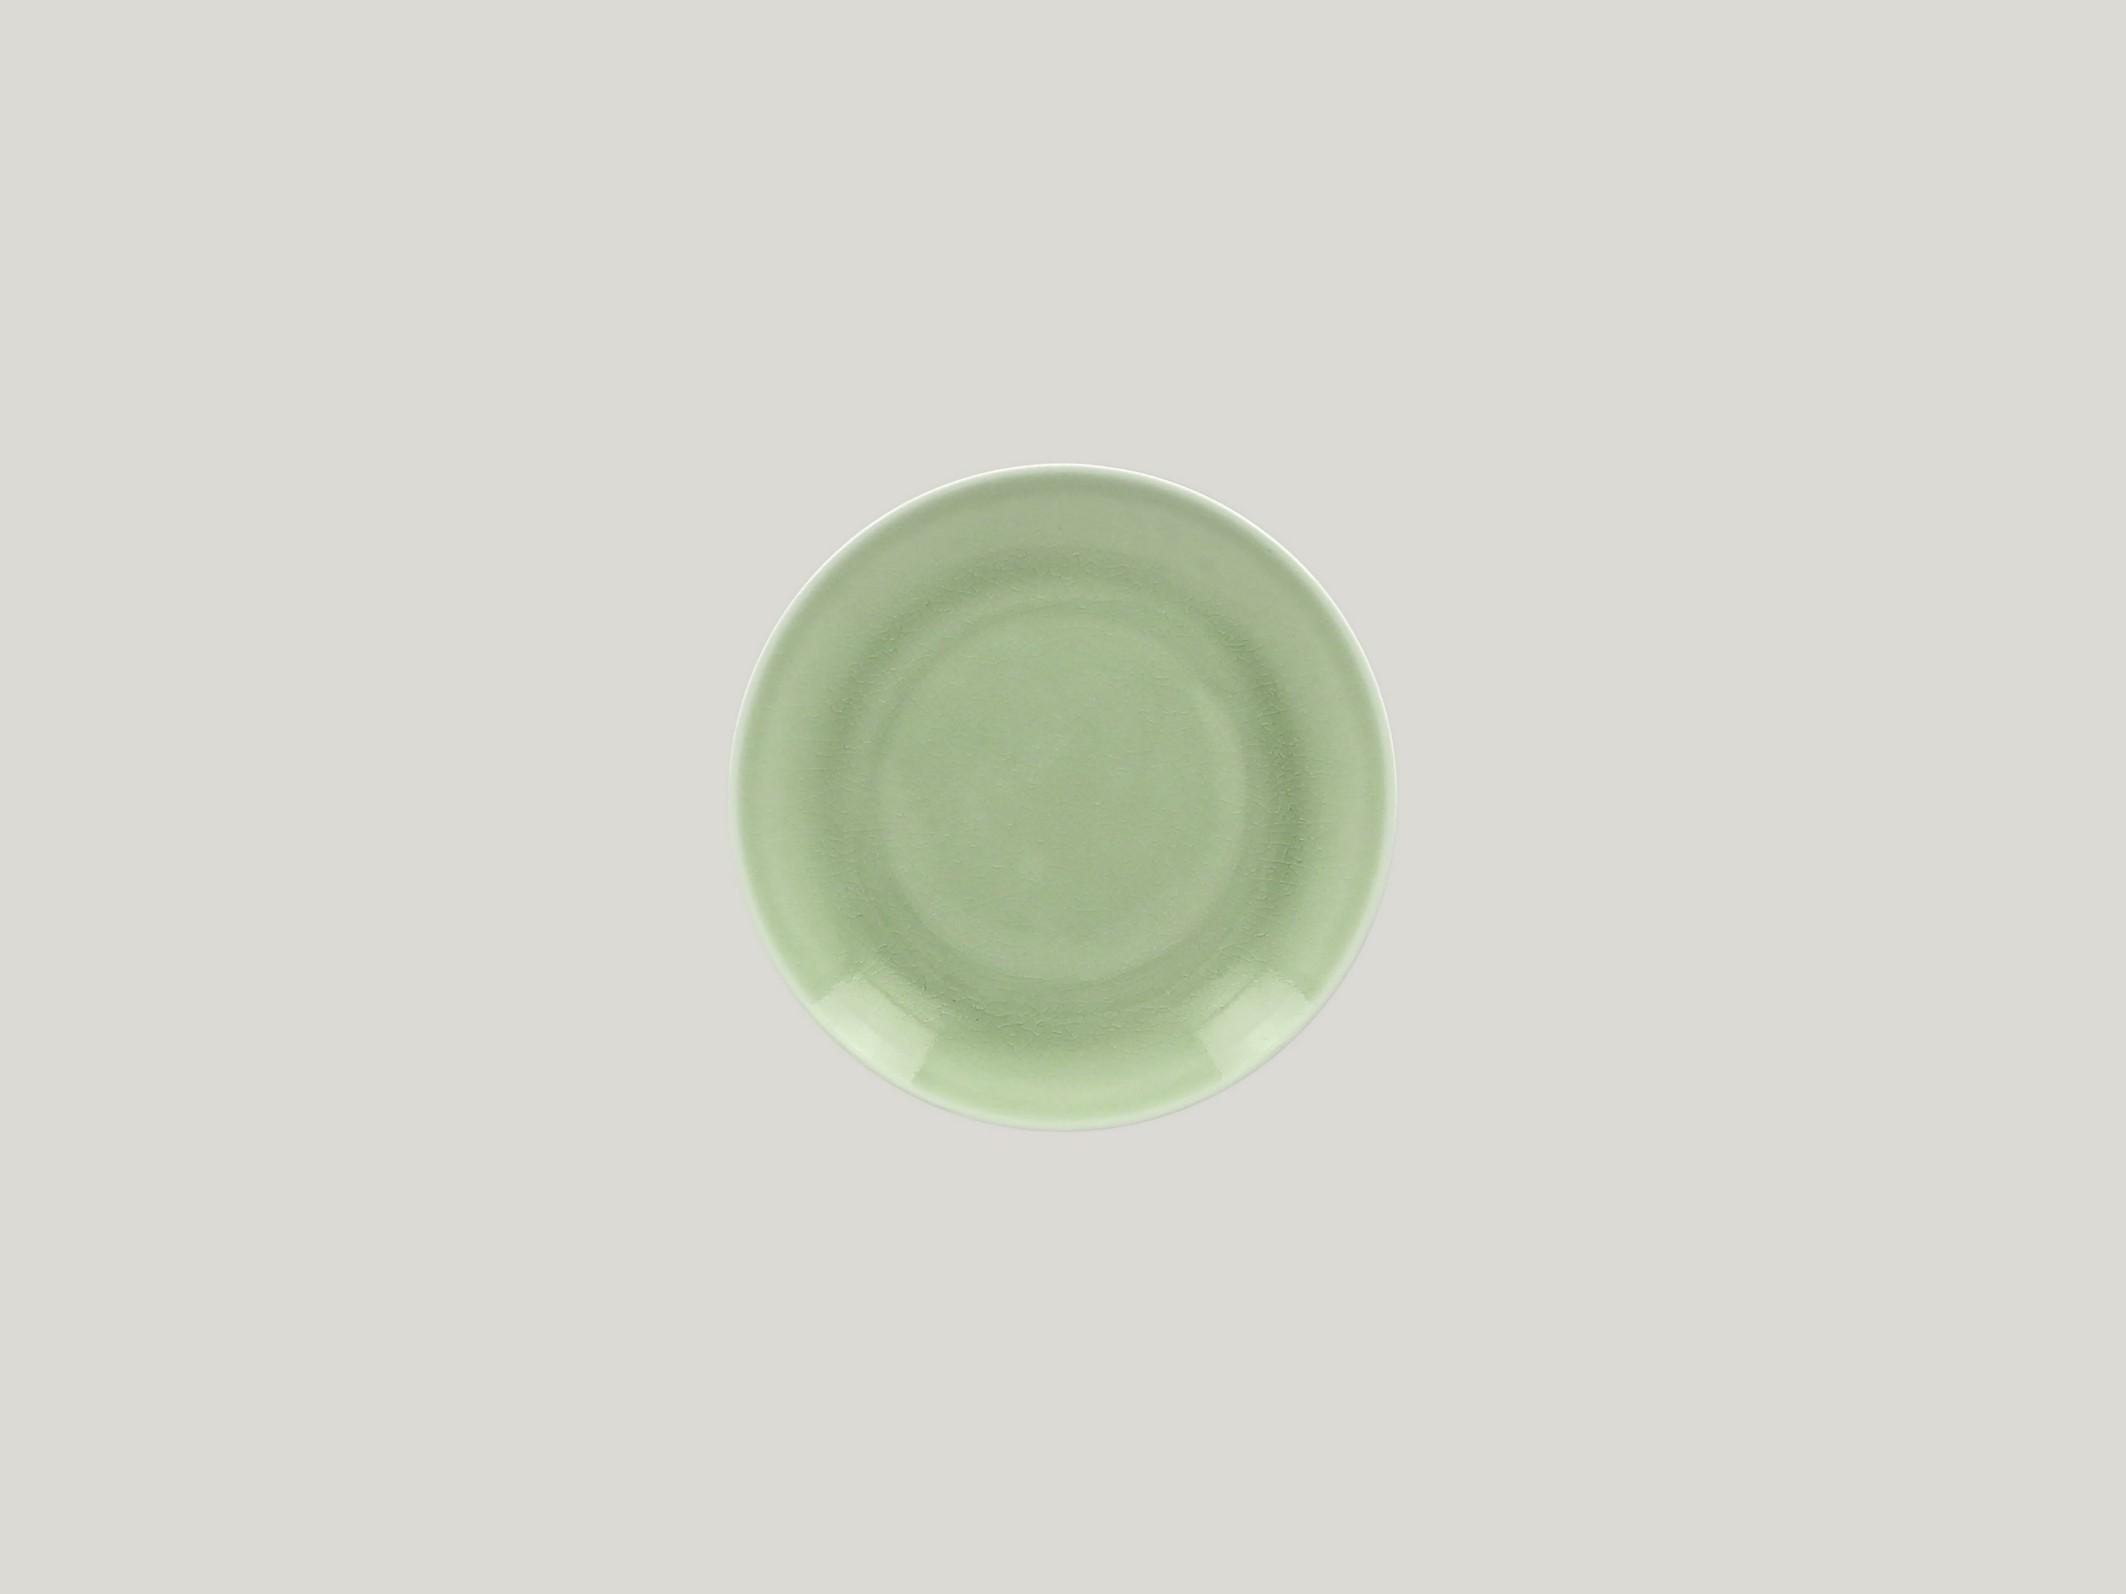 mělký coupe talíř - green Vintage